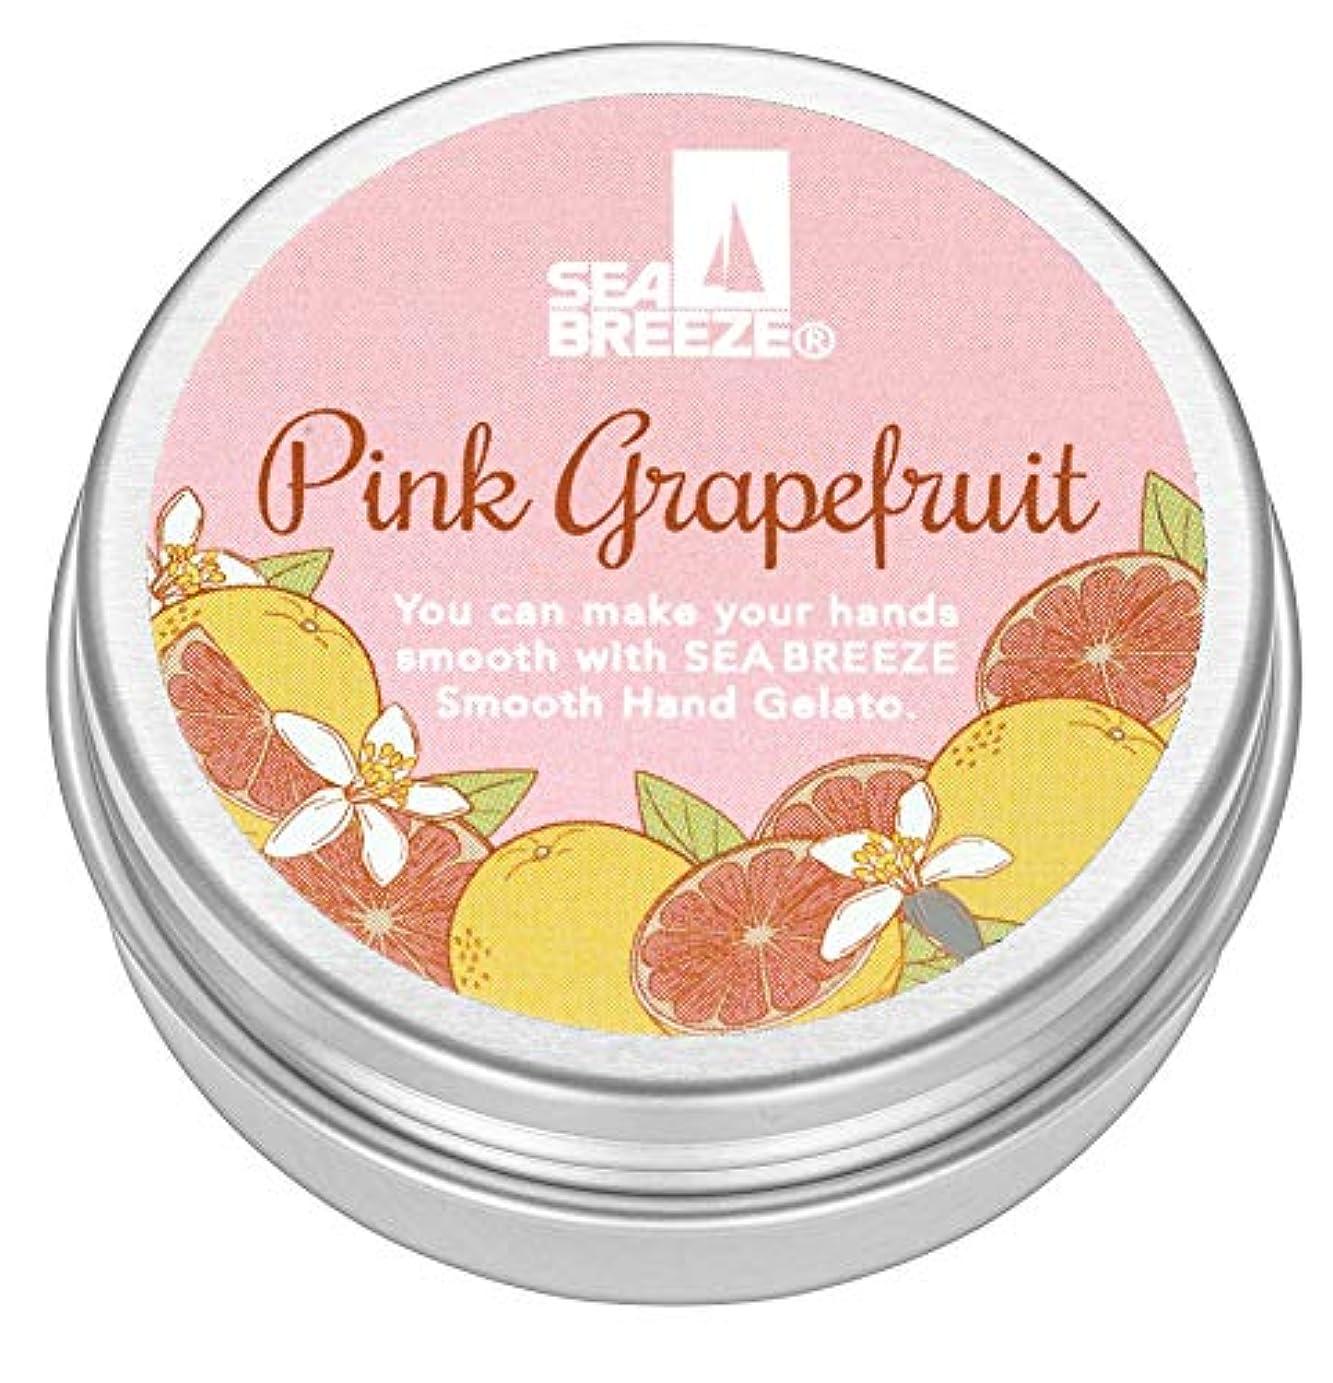 無限大定常ひらめきシーブリーズ スムースハンドジェラート ピンクグレープフルーツ 18g